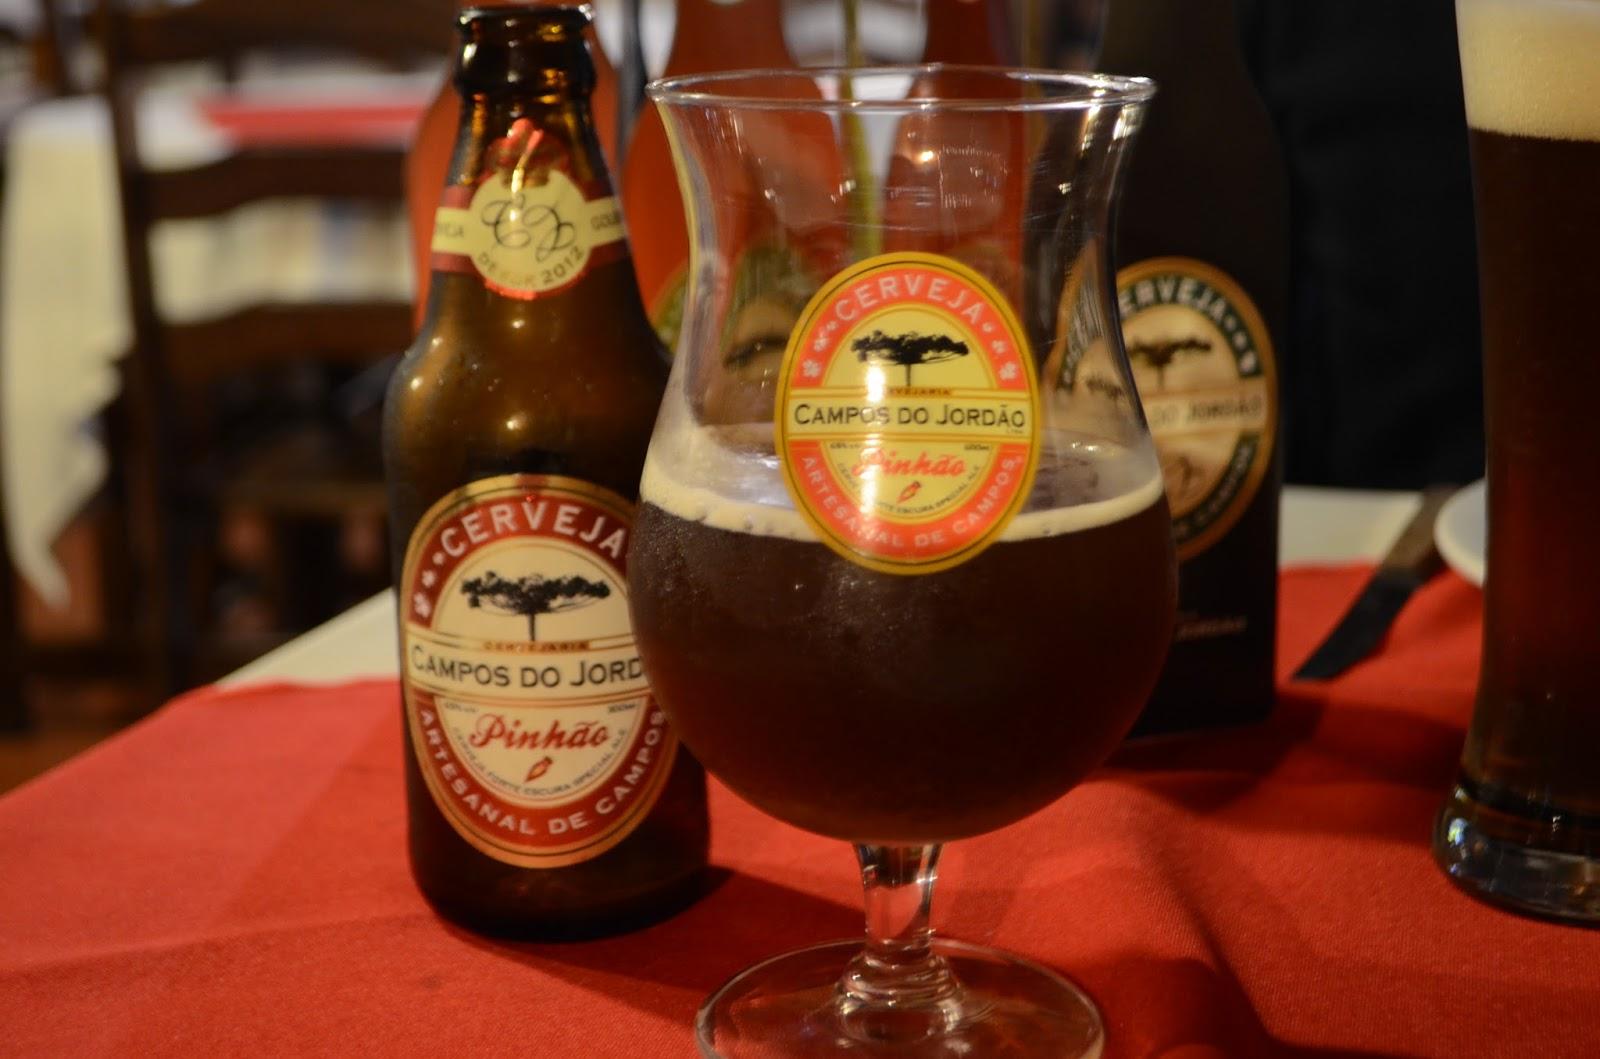 Cervejaria Campos do Jordão